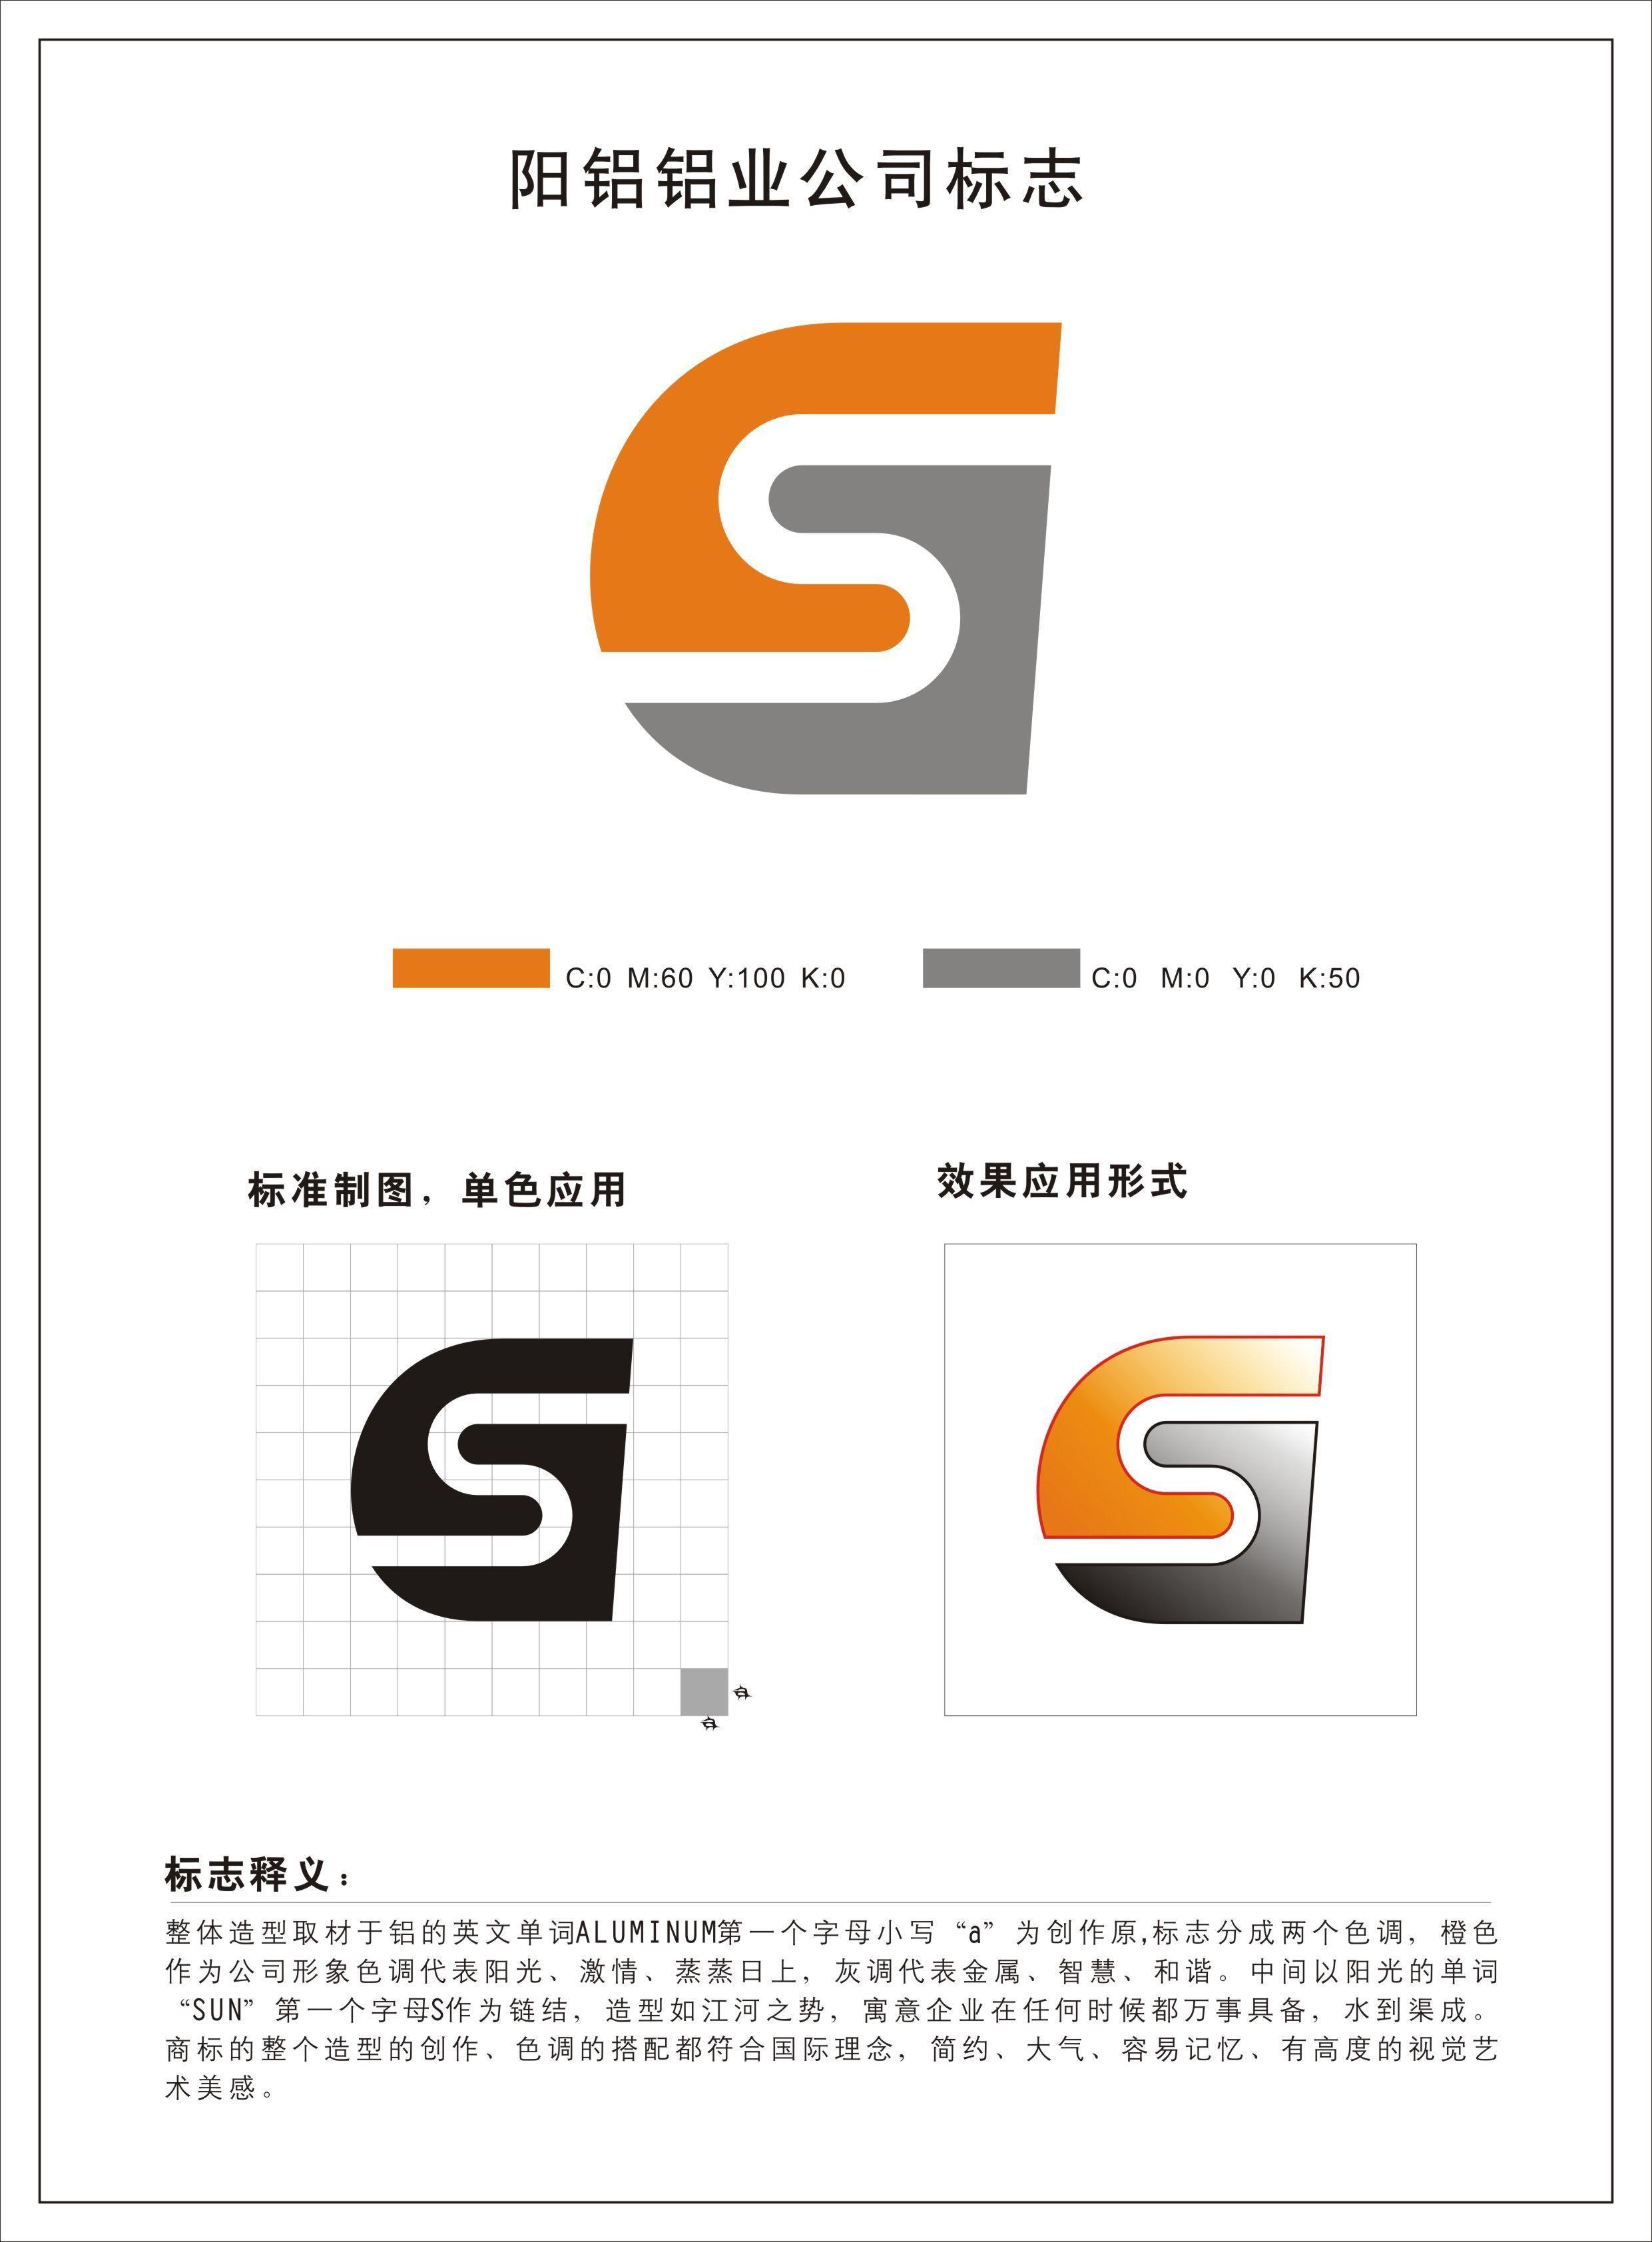 河源logo设计│河源商标设计│河源标志设计│河源品牌设计案例图片